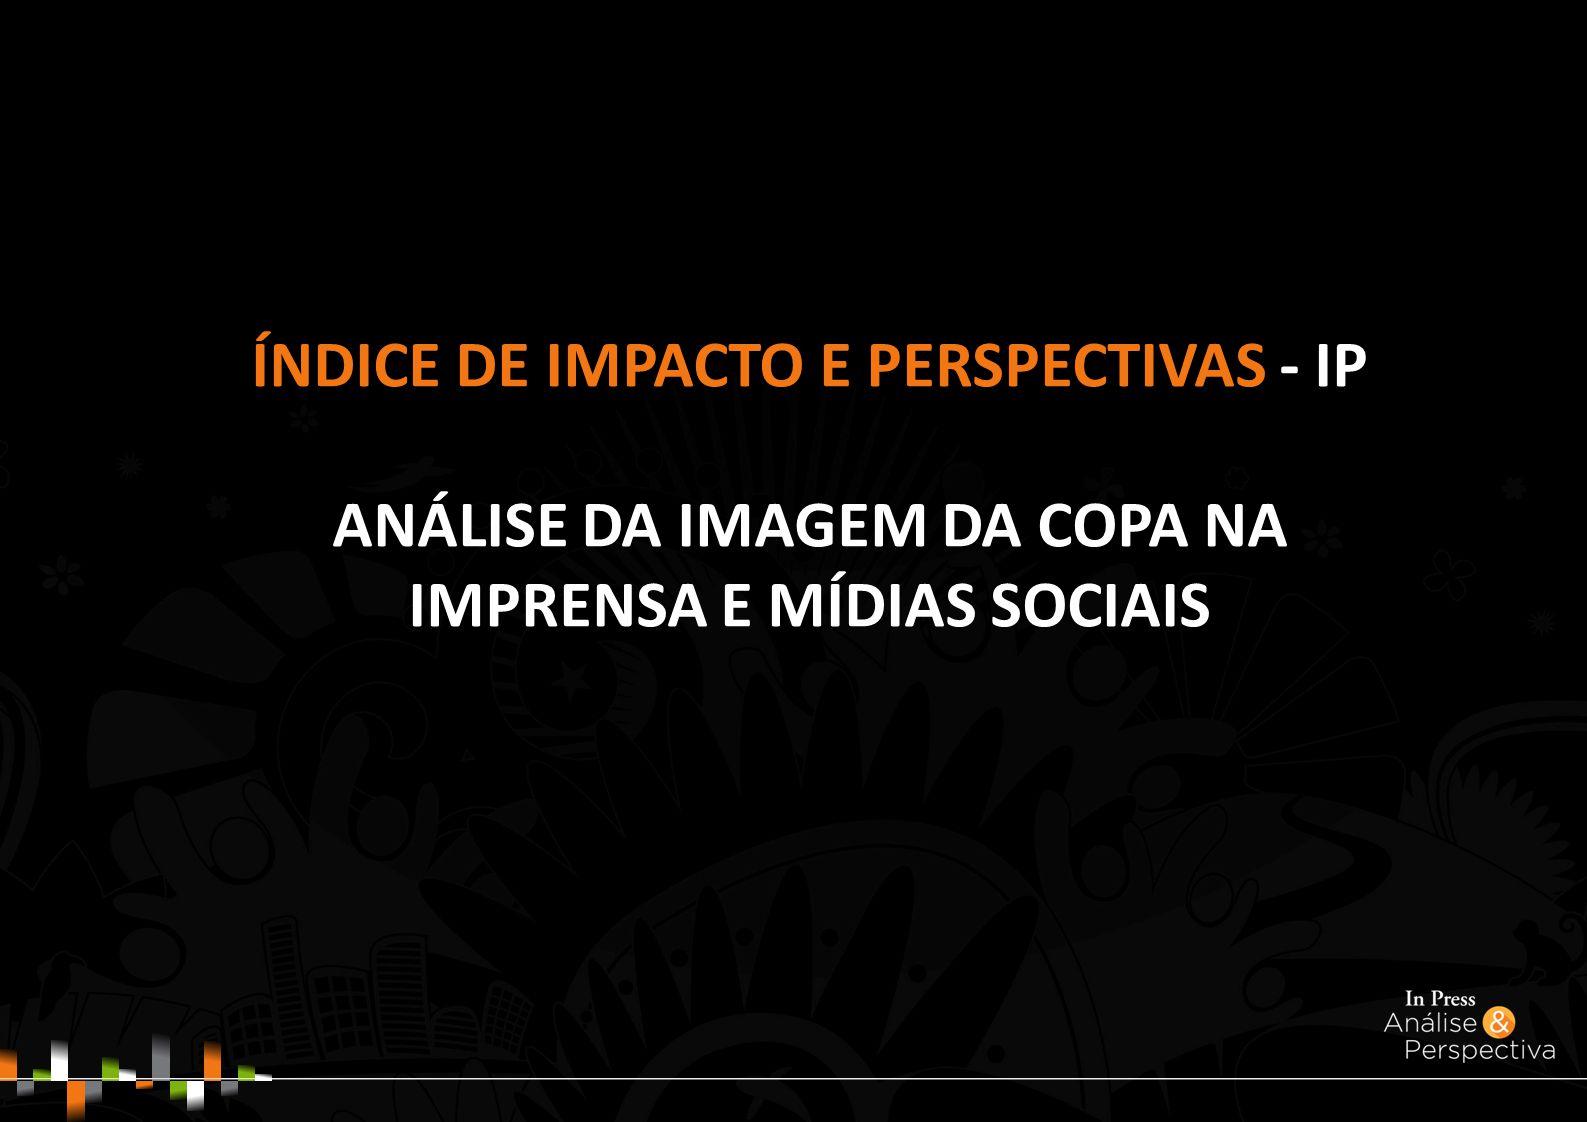 ÍNDICE DE IMPACTO E PERSPECTIVAS - IP ANÁLISE DA IMAGEM DA COPA NA IMPRENSA E MÍDIAS SOCIAIS